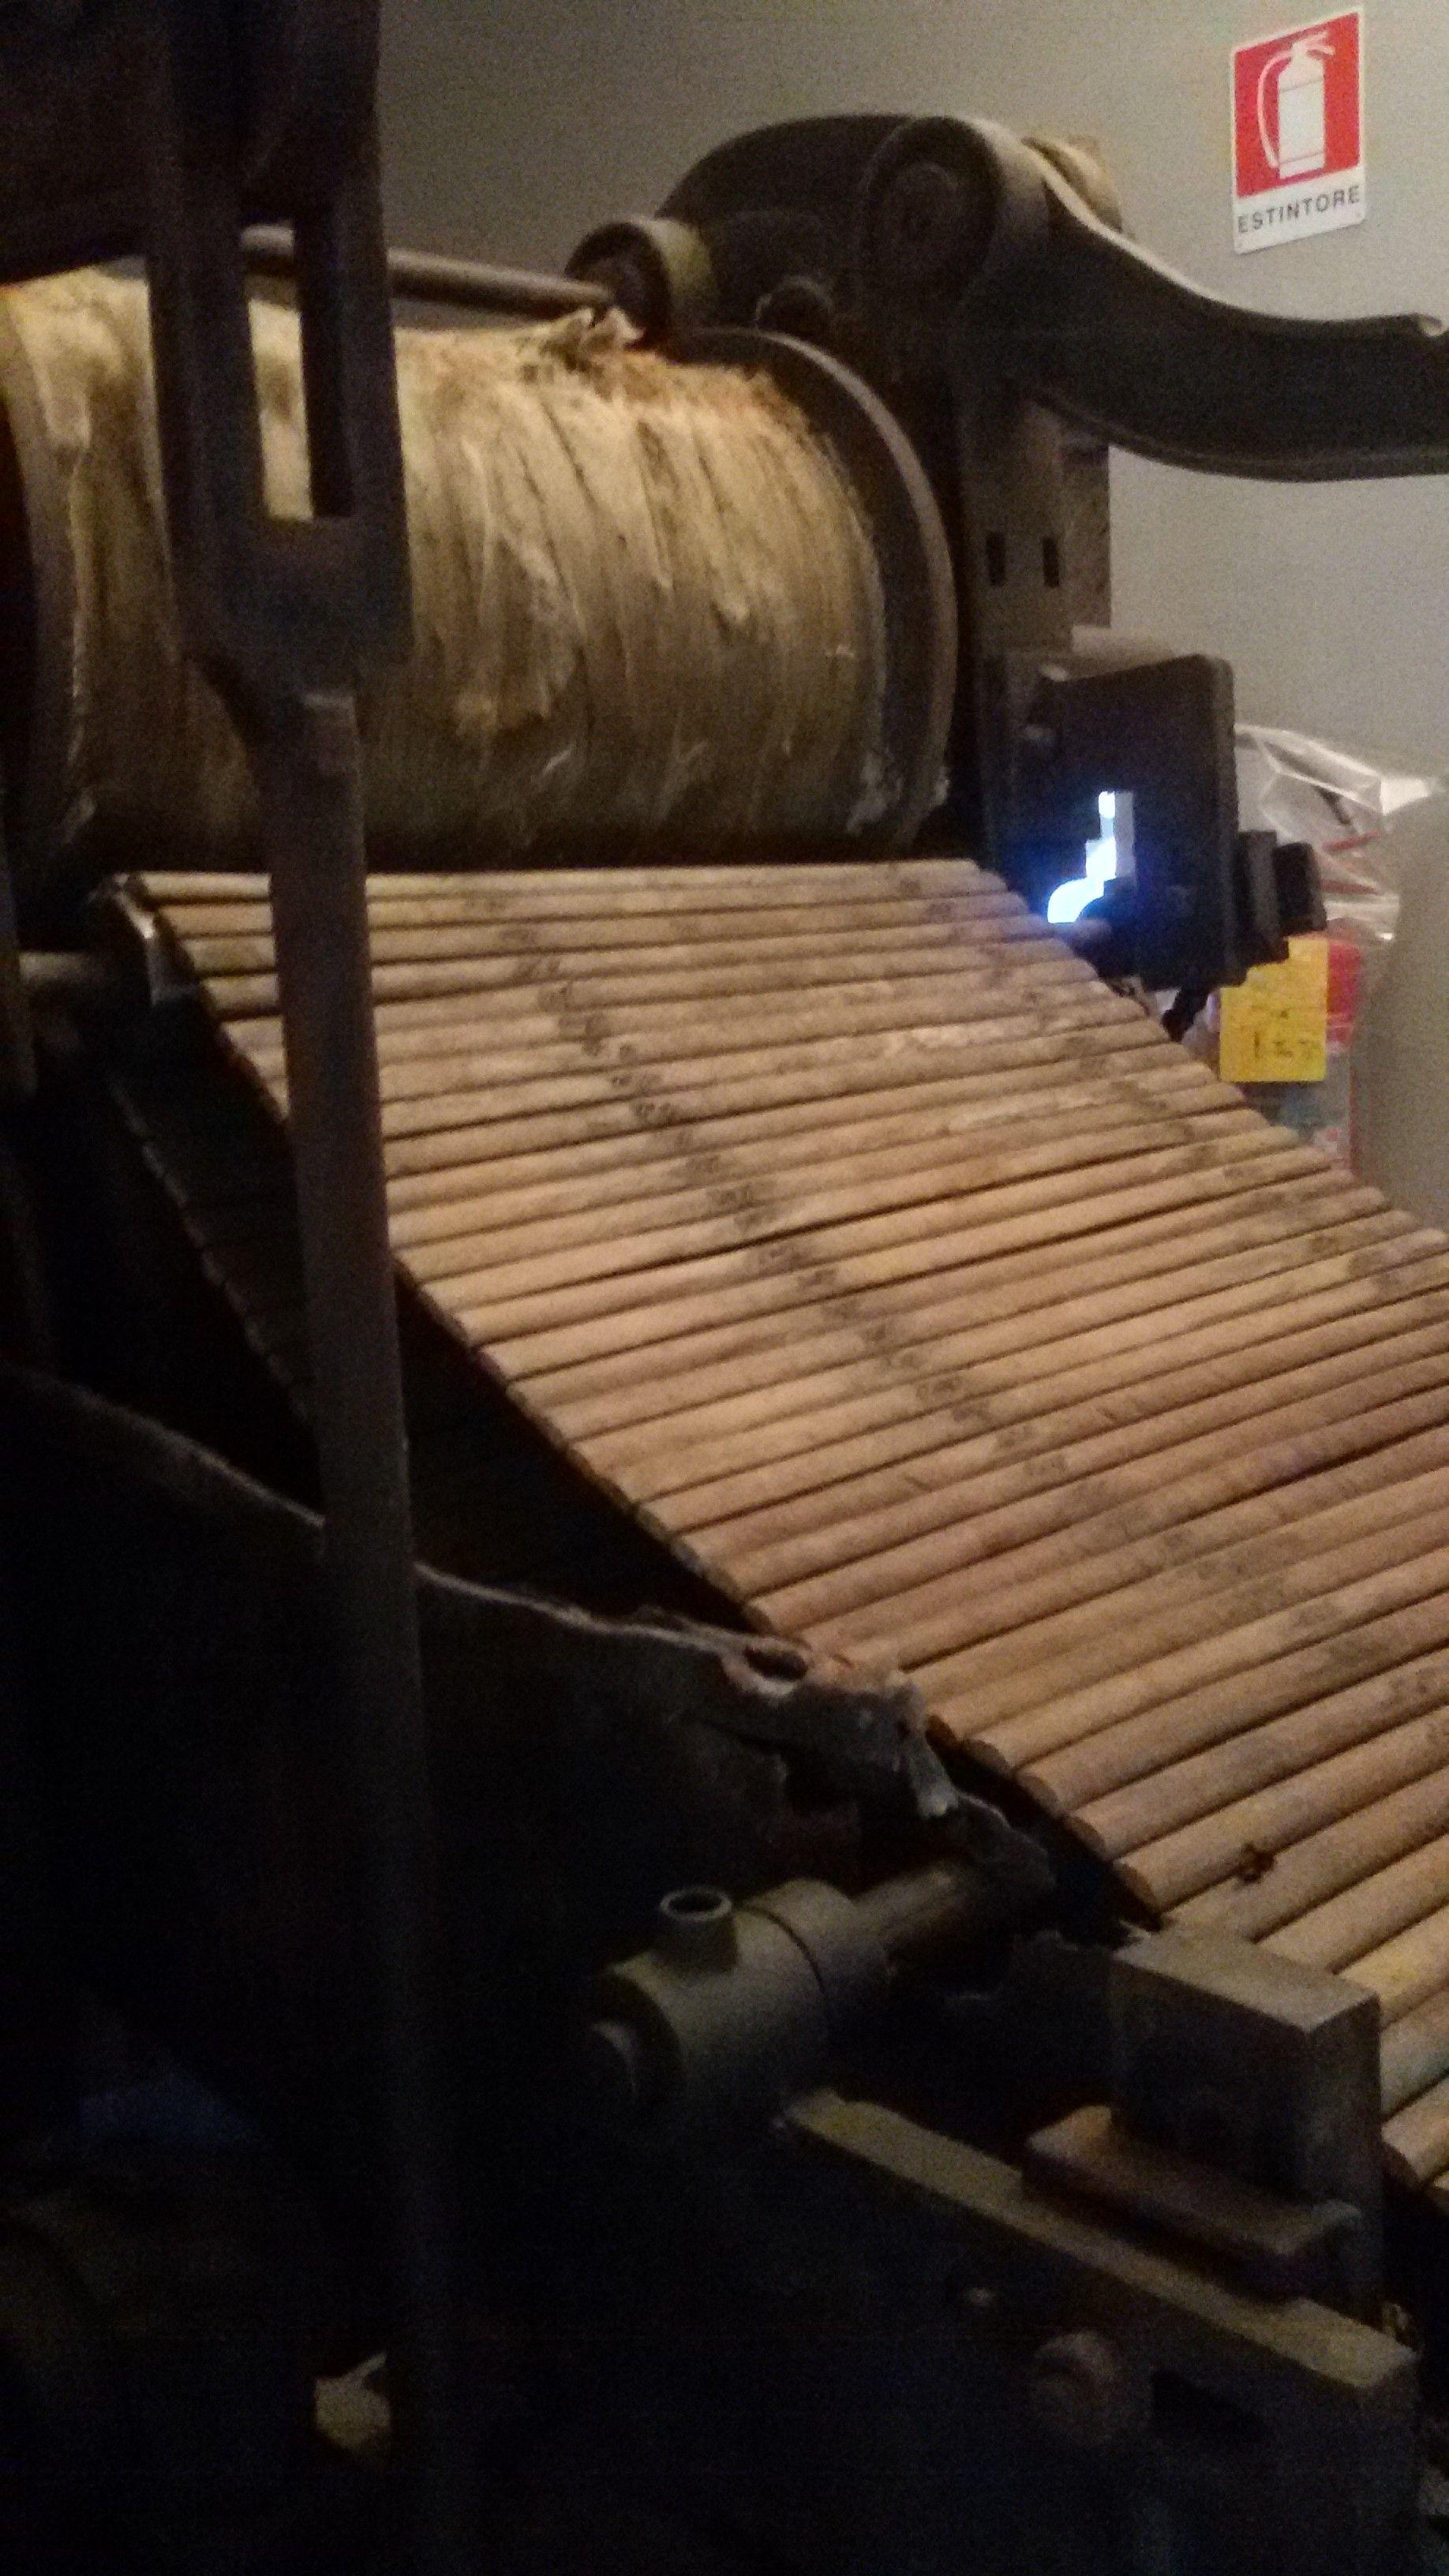 CILINDRI SPREMITORI DI UN LAVAGGIO LEVIATHAN (Museo MUMAT di Vernio) Il Lavaggio Leviathan e' costituito da una serie di vasche nelle quali la lana viene immersa e fatta avanzare da gruppi di forche:Tra una vasca e la successiva la lana passa attraverso una coppia di cilindri spremitori, rivestiti da una corda per potenziare l'azione del lavaggio,permettendo di espellere più efficacemente l'acqua con le impurita', cioè il grasso presente sul vello della pecora,nonchè terra e fango.